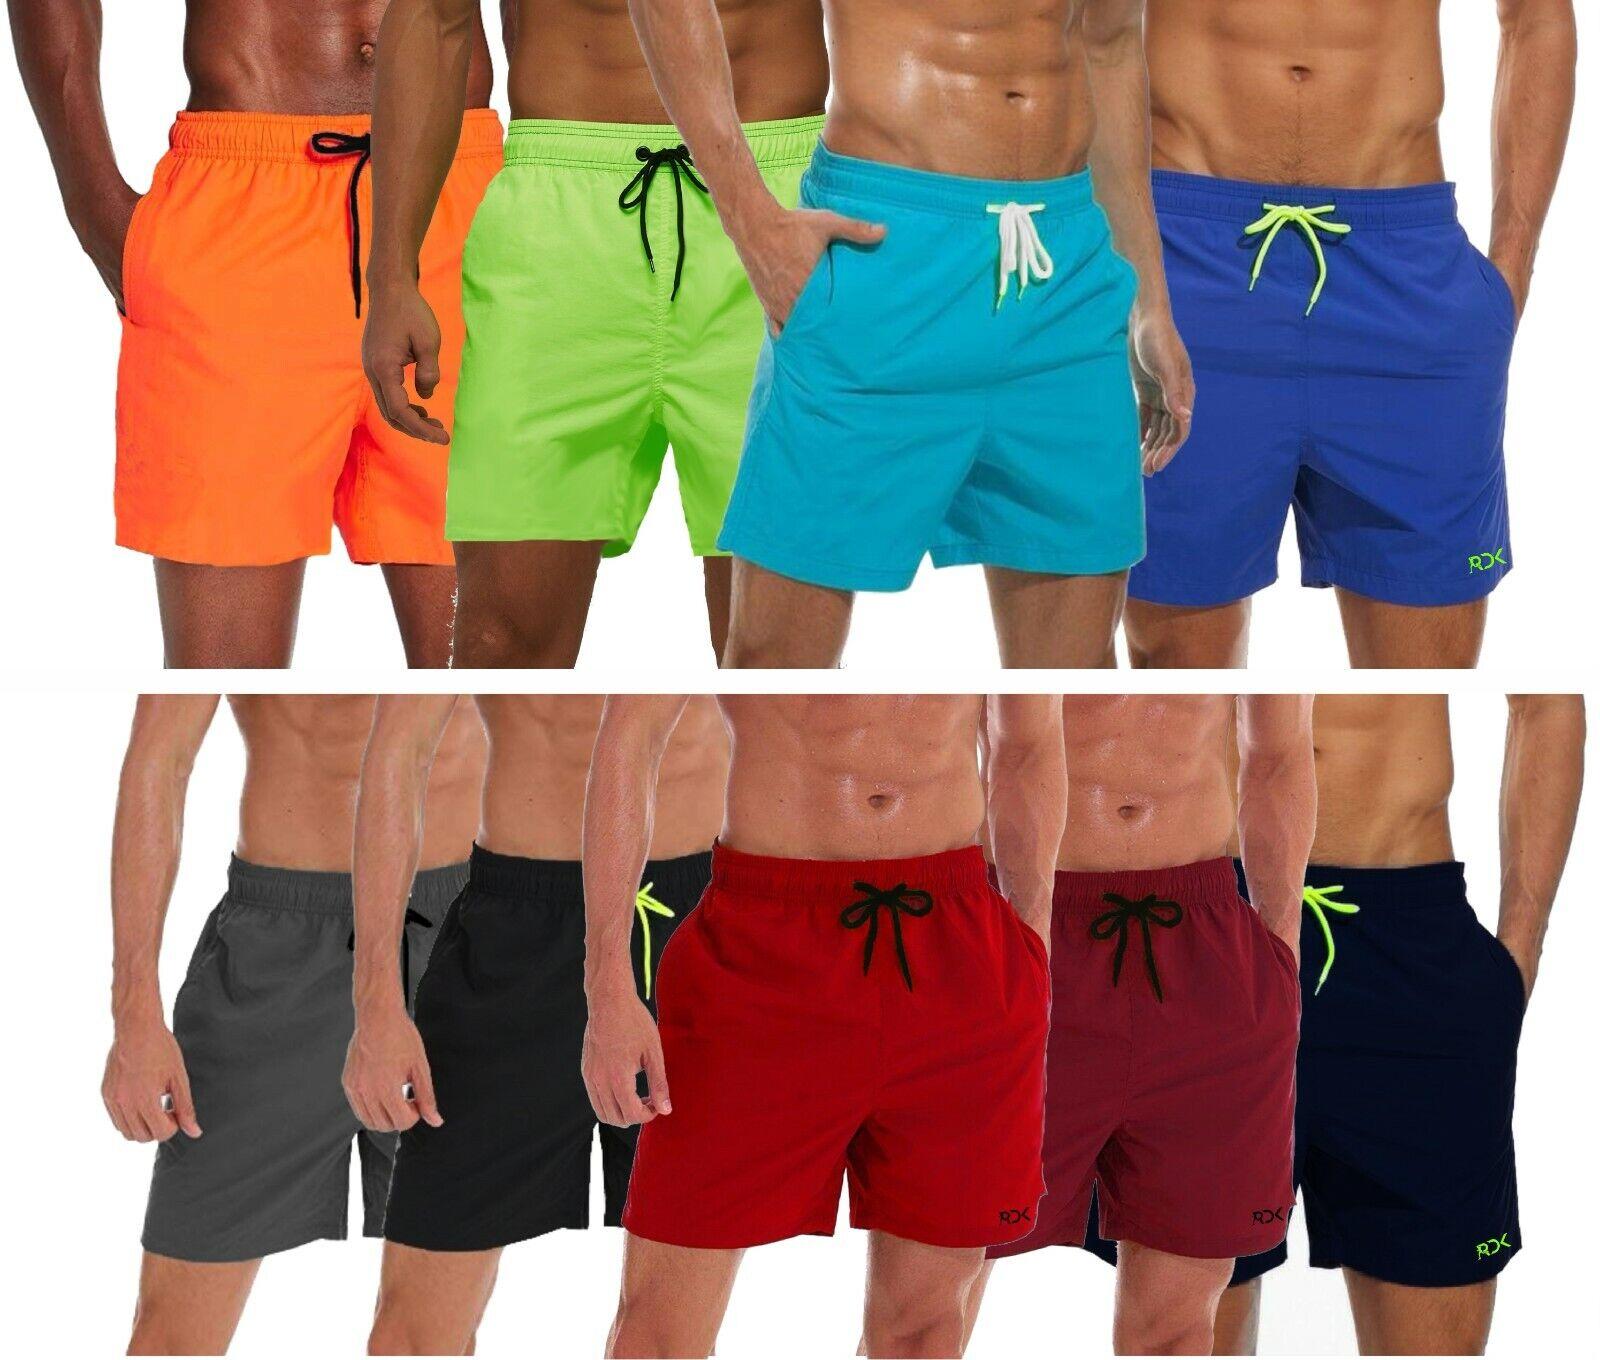 Para Hombre Shorts De Baño Natacion Running Gimnasio Board Shorts Troncos Traje de Baño Playa Verano